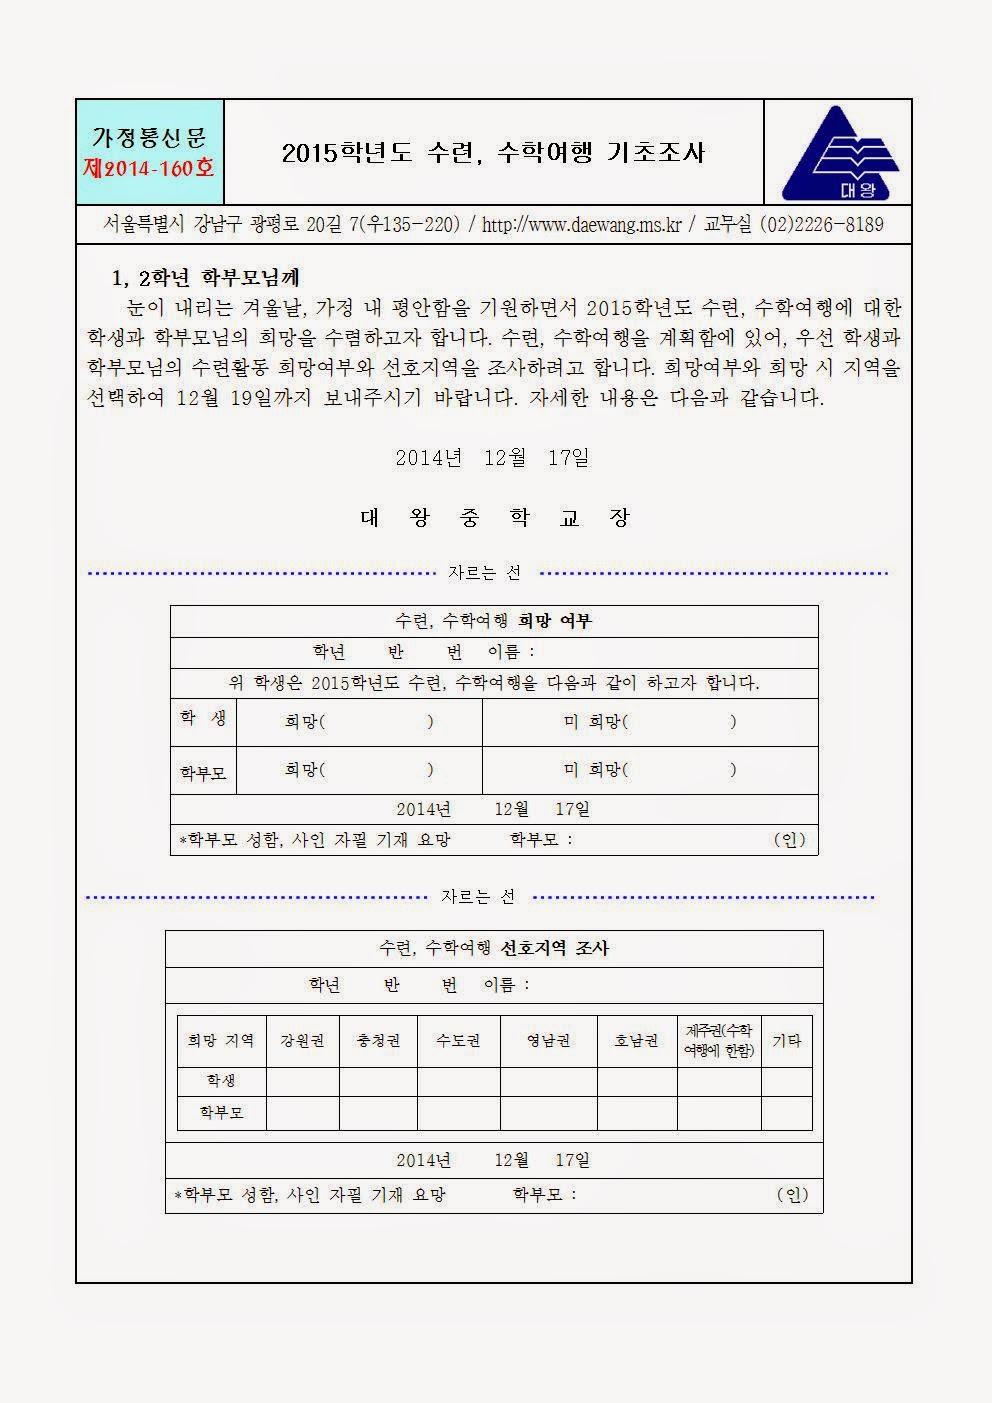 대왕 가정통신문: 기초조사